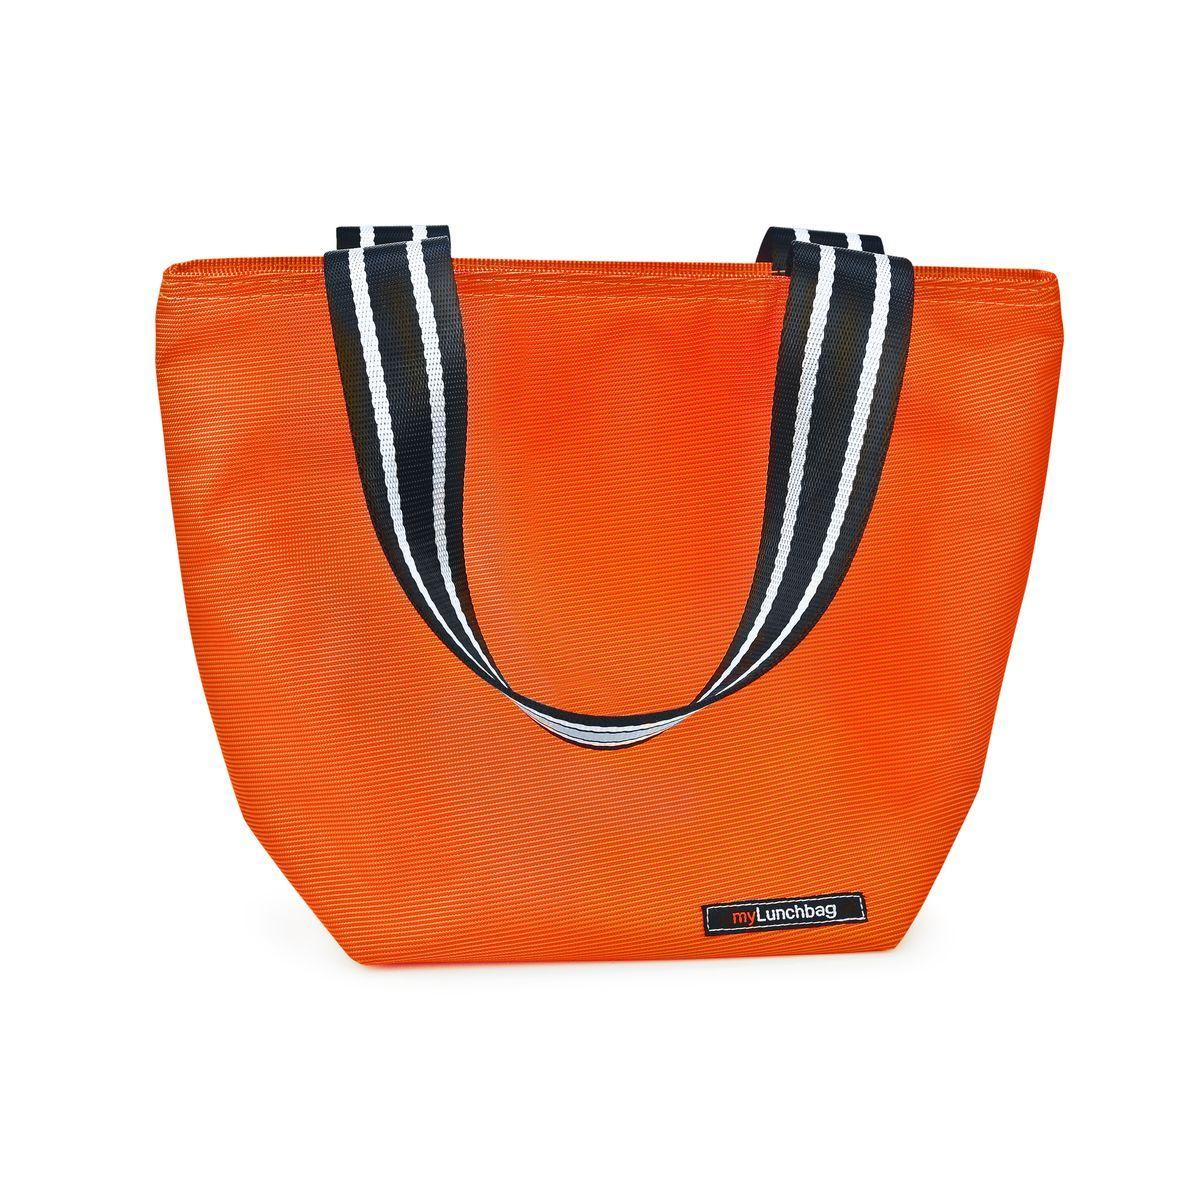 Термосумка для ланч-бокса Iris Barcelona Tote MyLunchbag, цвет: оранжевыйI9155-TXТермосумка для ланч-бокса Iris Barcelona Tote MyLunchbag выполнена из полиэстера.Она отлично сохраняет свежесть и вкус продукта на несколько часов. Очень полезна маме в уходе за детьми. Пригодится везде: на прогулке, на работе, учебе и т.д. С ней легко справится даже ребенок.Легко складывается до небольших размеров. Присутствует удобный кармашек для аксессуаров.Рекомендуется регулярно стирать вручную в теплой воде с мылом.